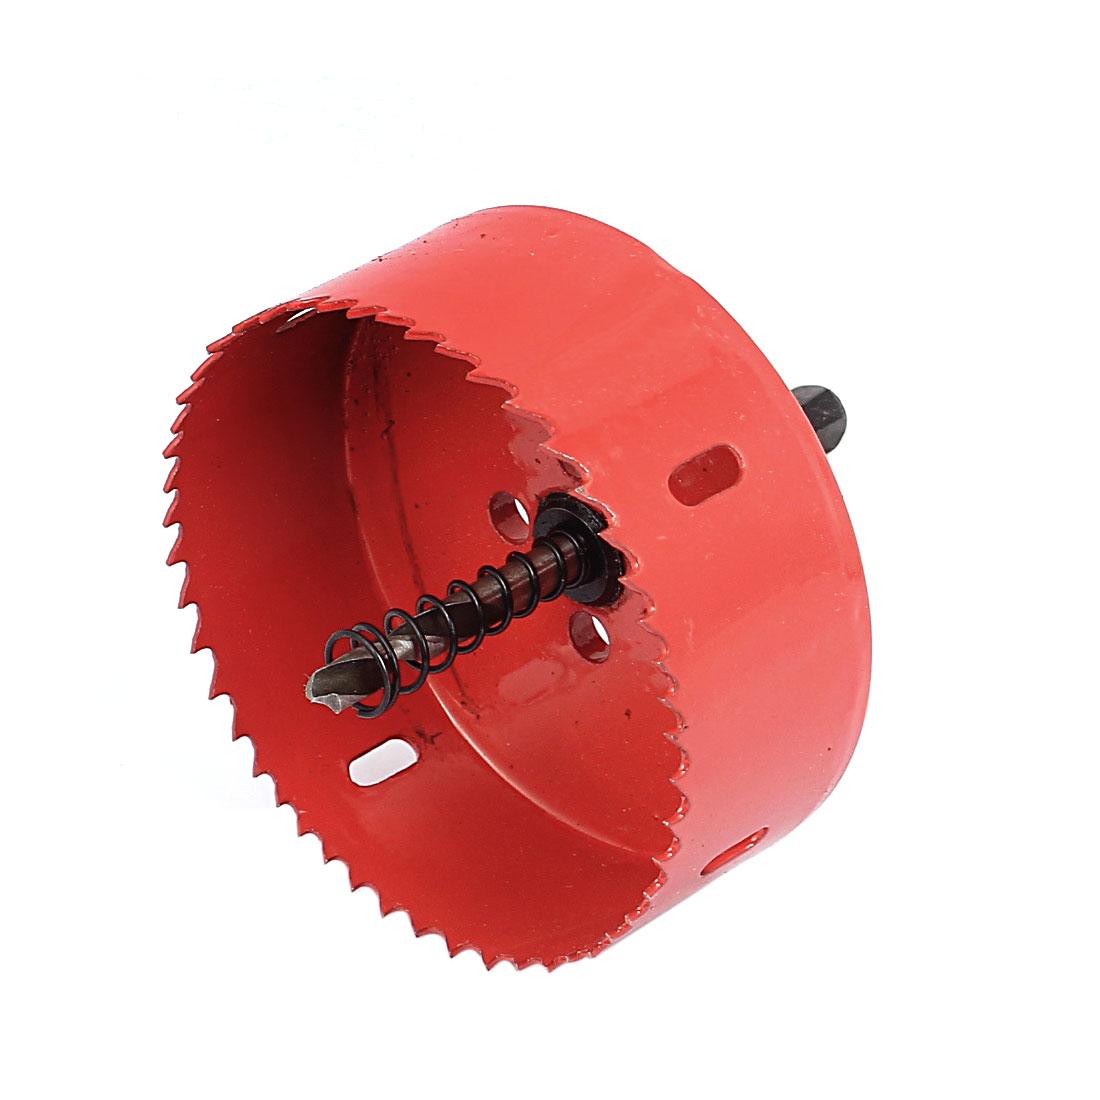 90mm Cutting Dia 10mm Shank Twist Drill Bit Bimetal Hole Saw Cutter Tool Red